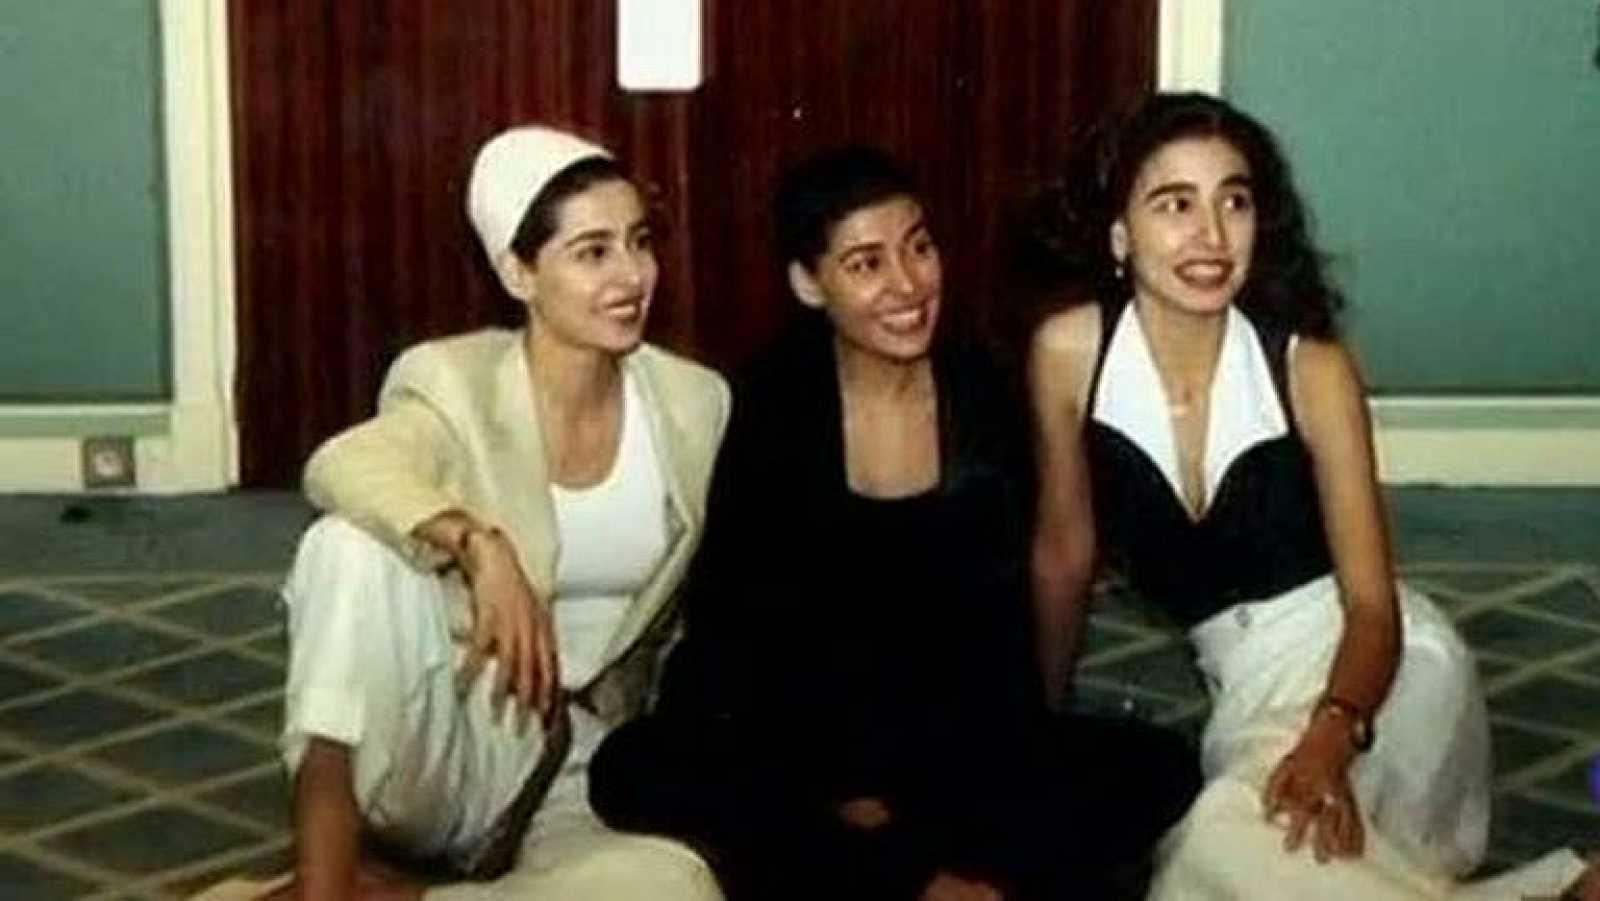 Cuatro princesas están prisioneras desde hace 13 años en Arabia Saudí, según cuenta su madre